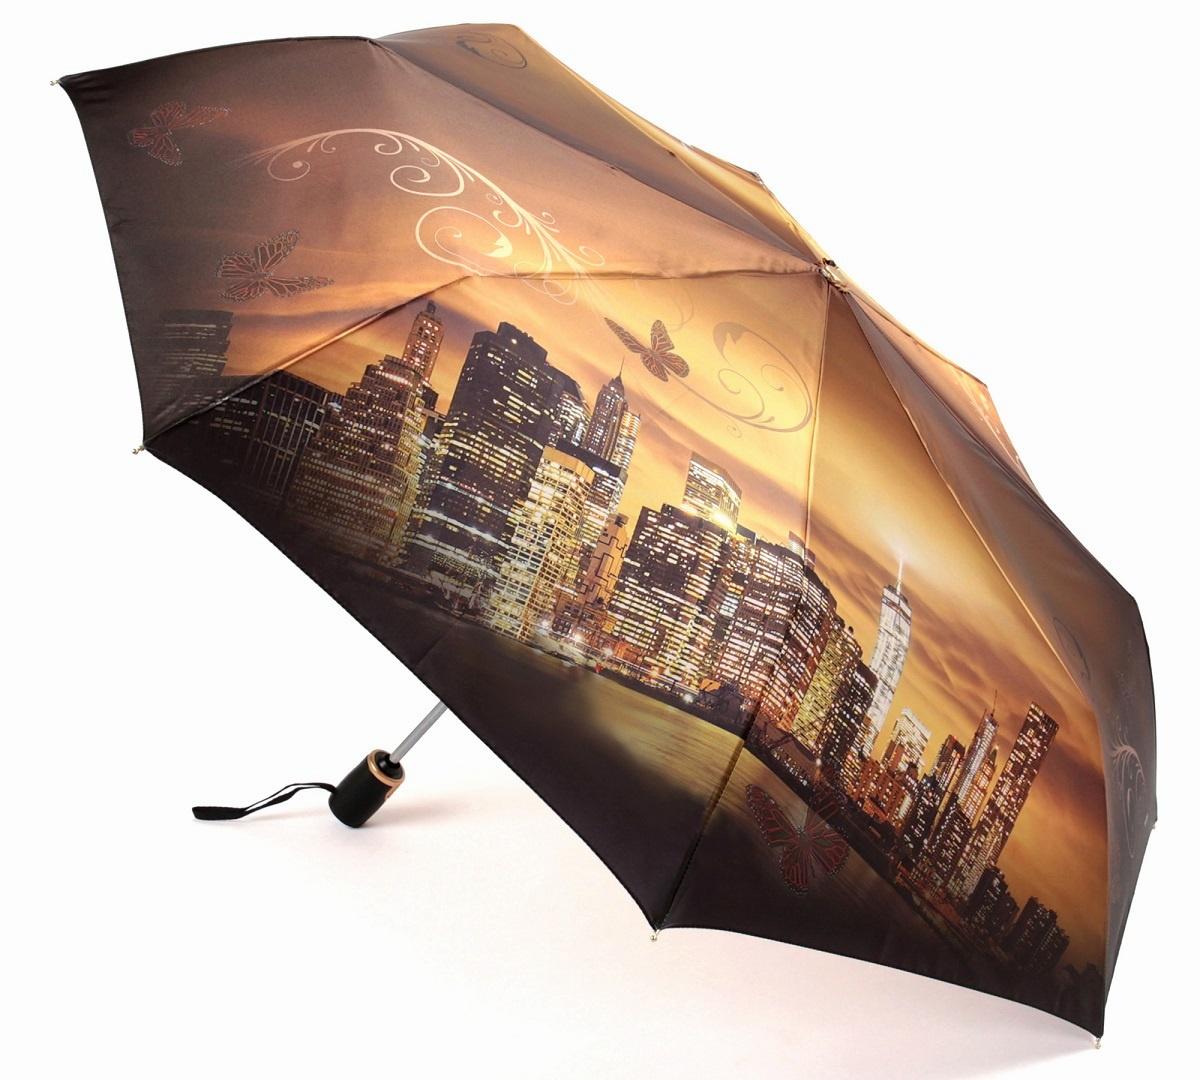 Зонт Три слона 145-N, золотой, коричневый